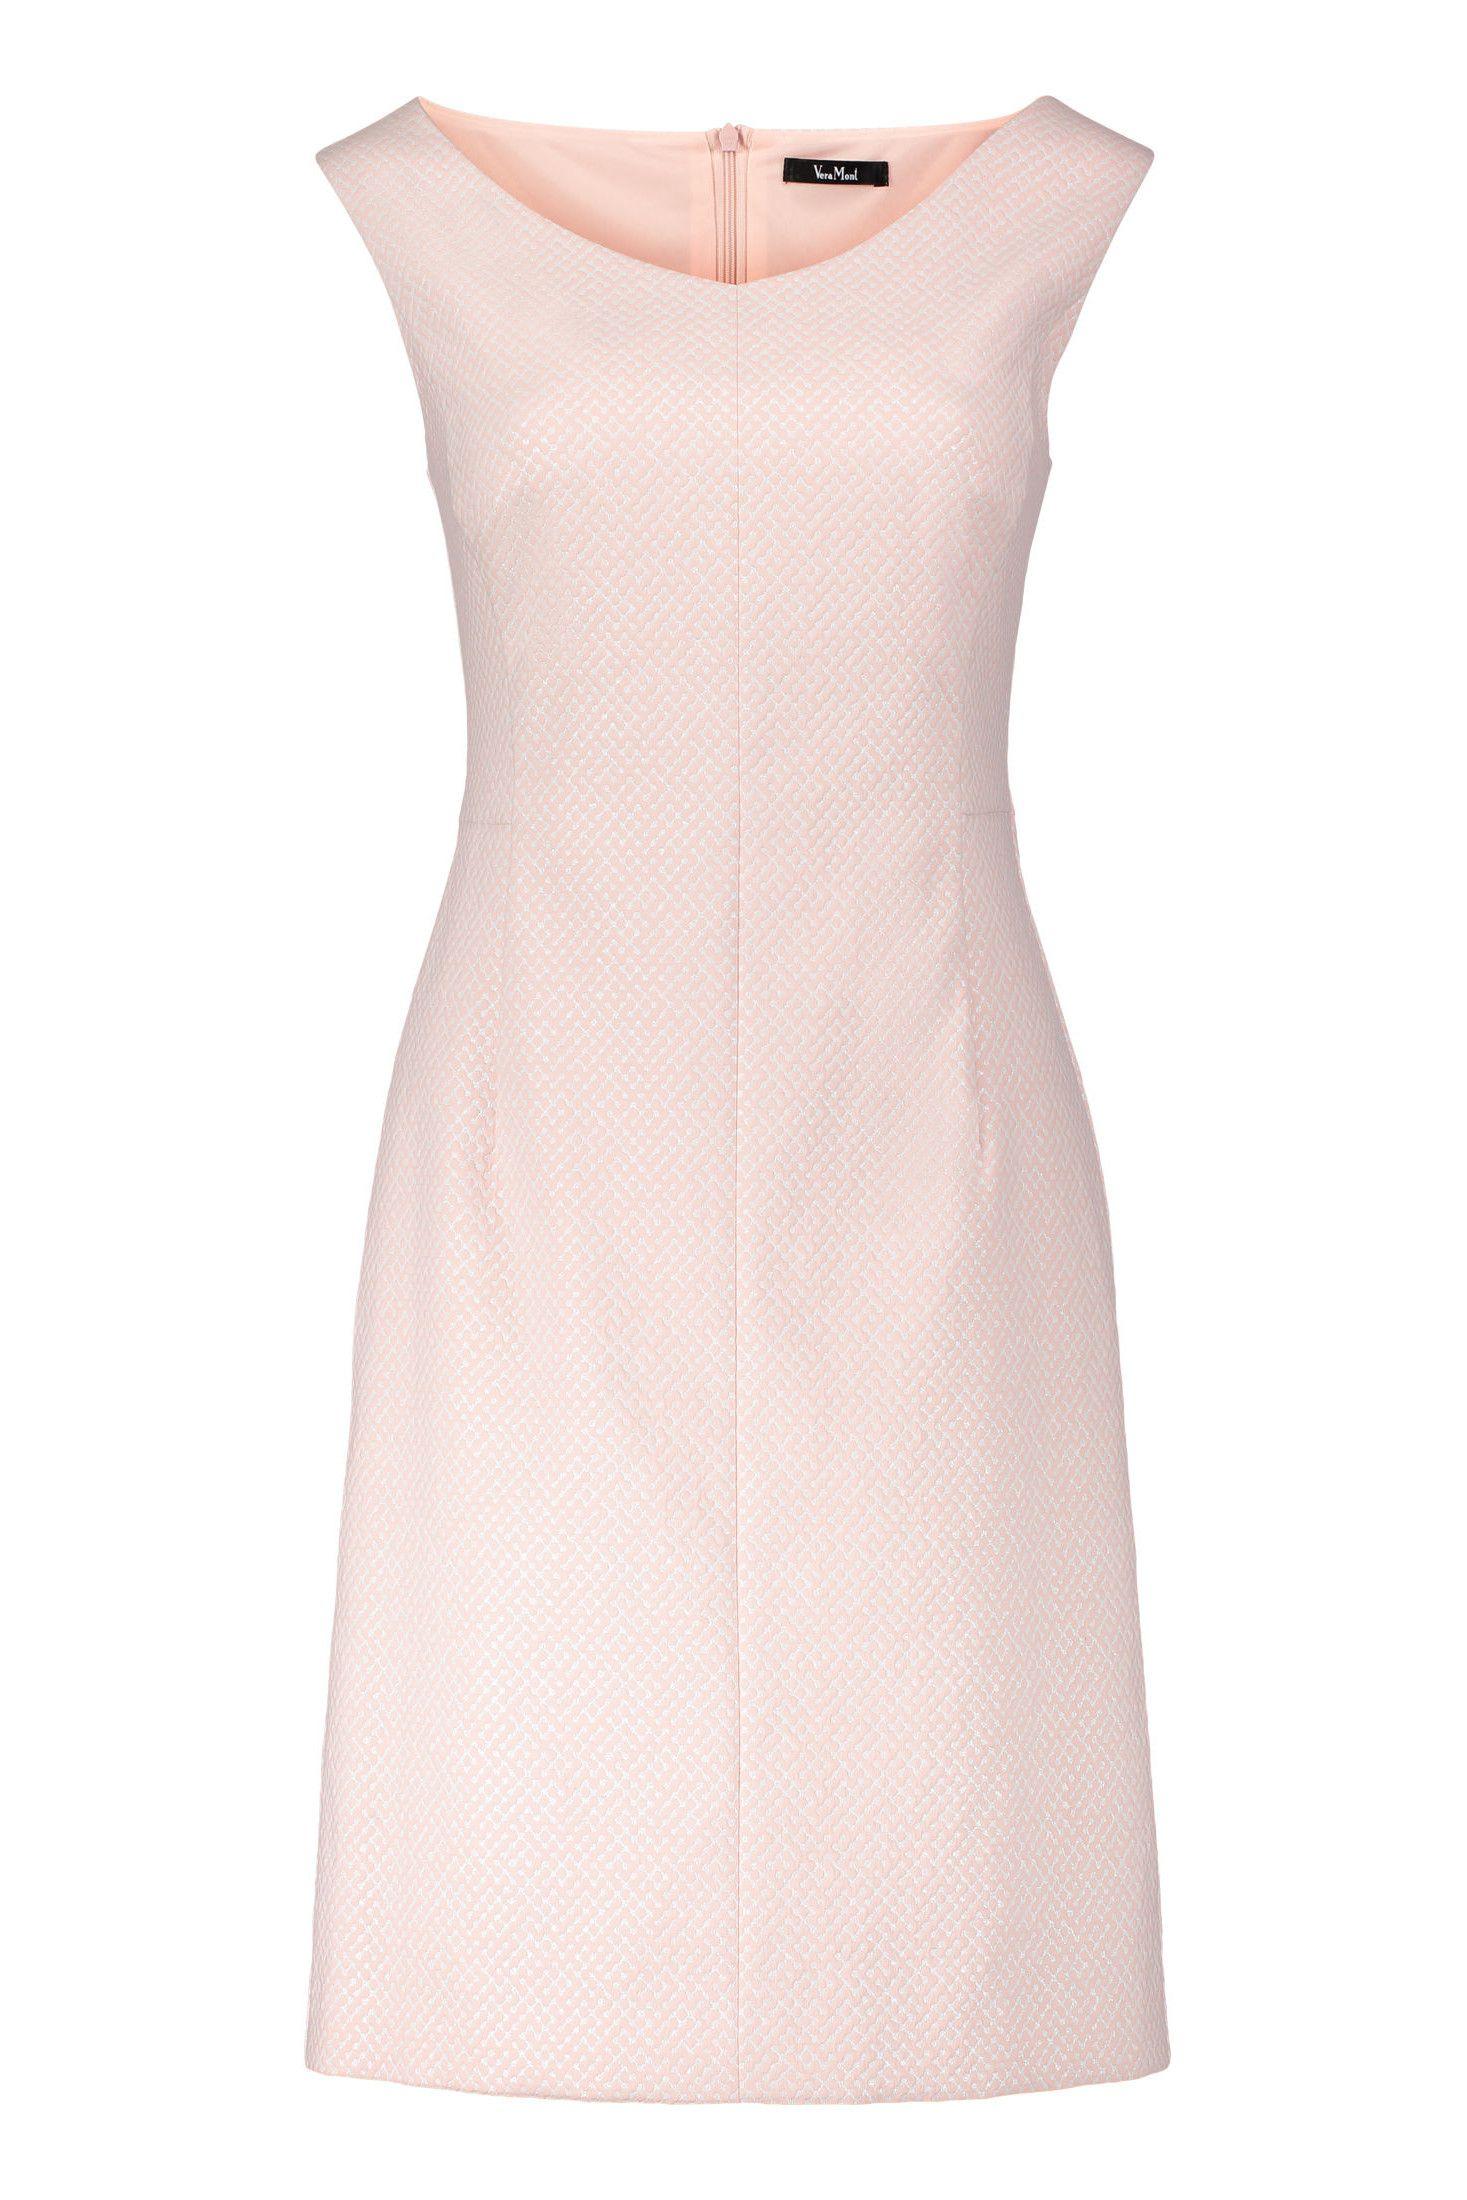 Etuikleid Altrosa Silberschimmer Vera Mont Mode Bosckens Mit Bildern Etuikleid Modestil Kleider